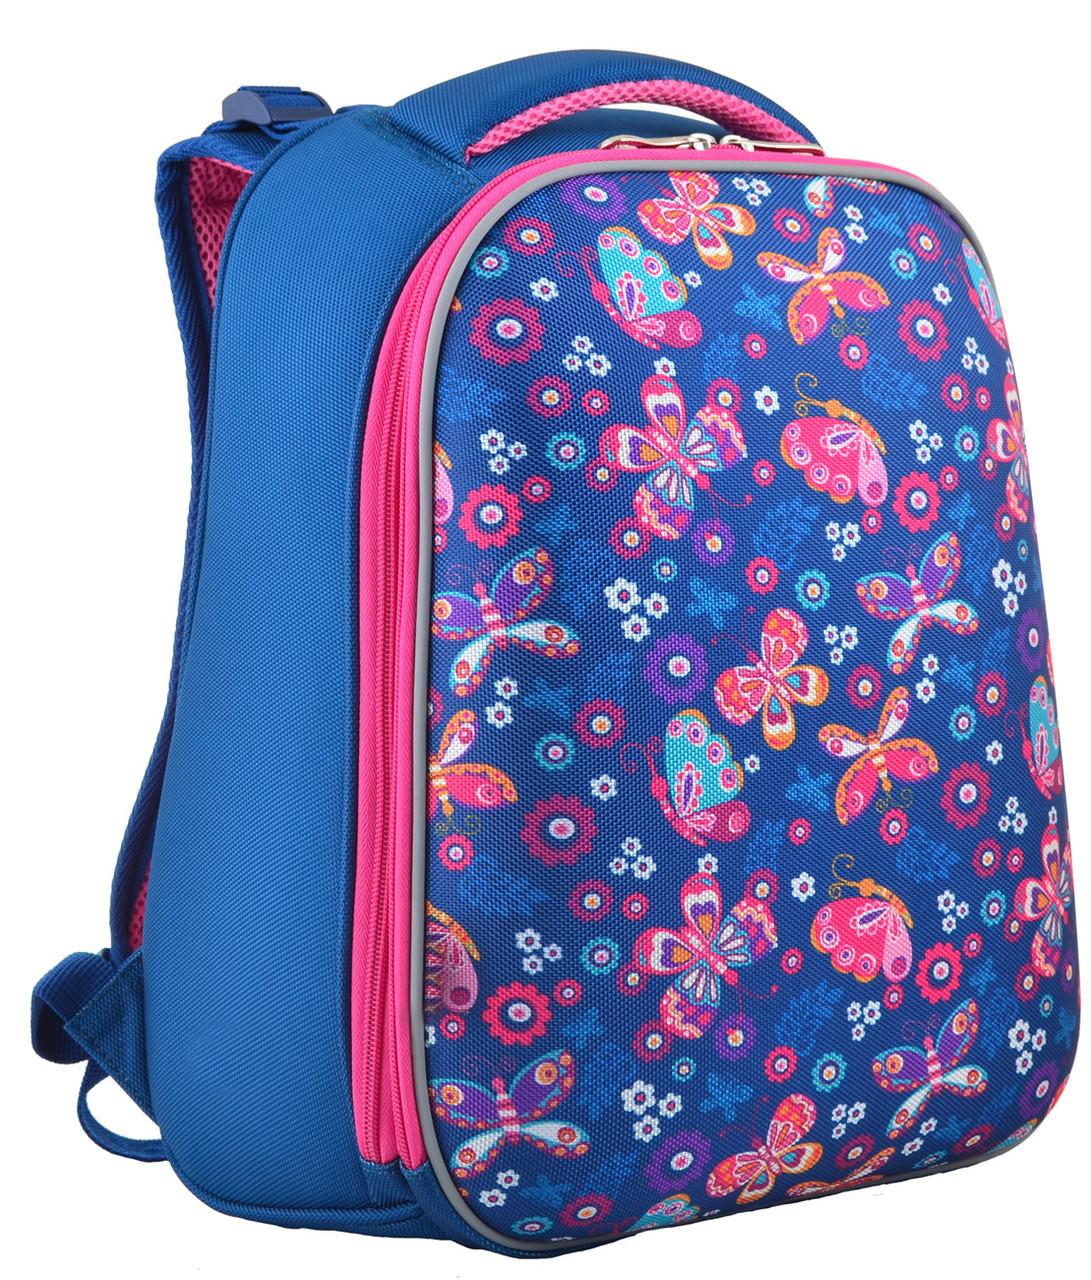 Рюкзак школьный каркасный 1 Вересня H-12-1 Butterfly, 38*29*15